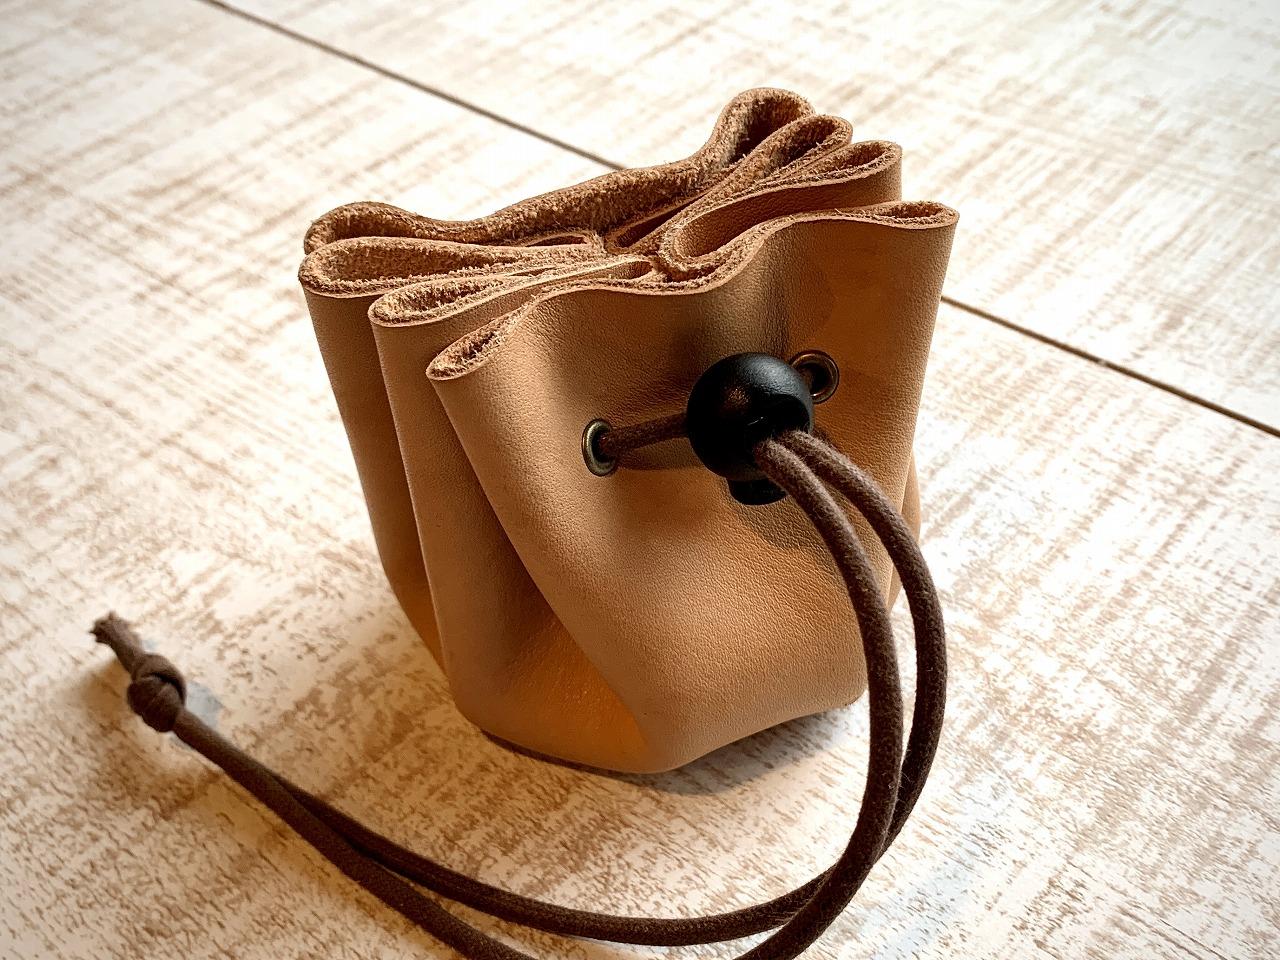 ダイストレー革袋、まずはプレミアムver.から